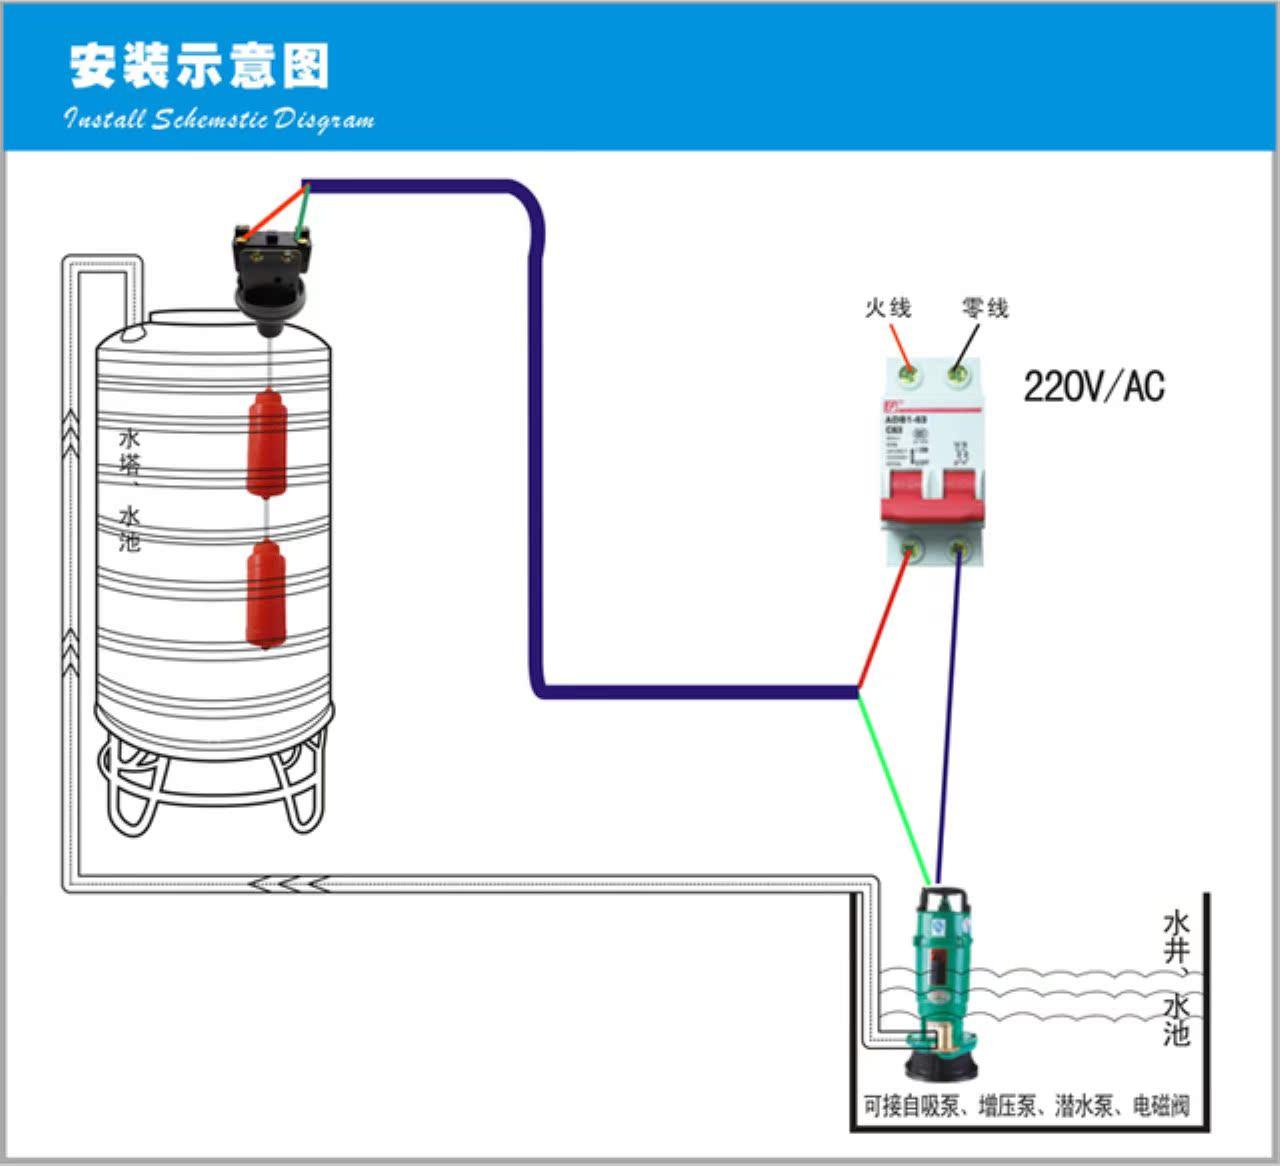 热卖radar水塔水位液位开关浮球液位控制器自动上水拉线式浮球开关双